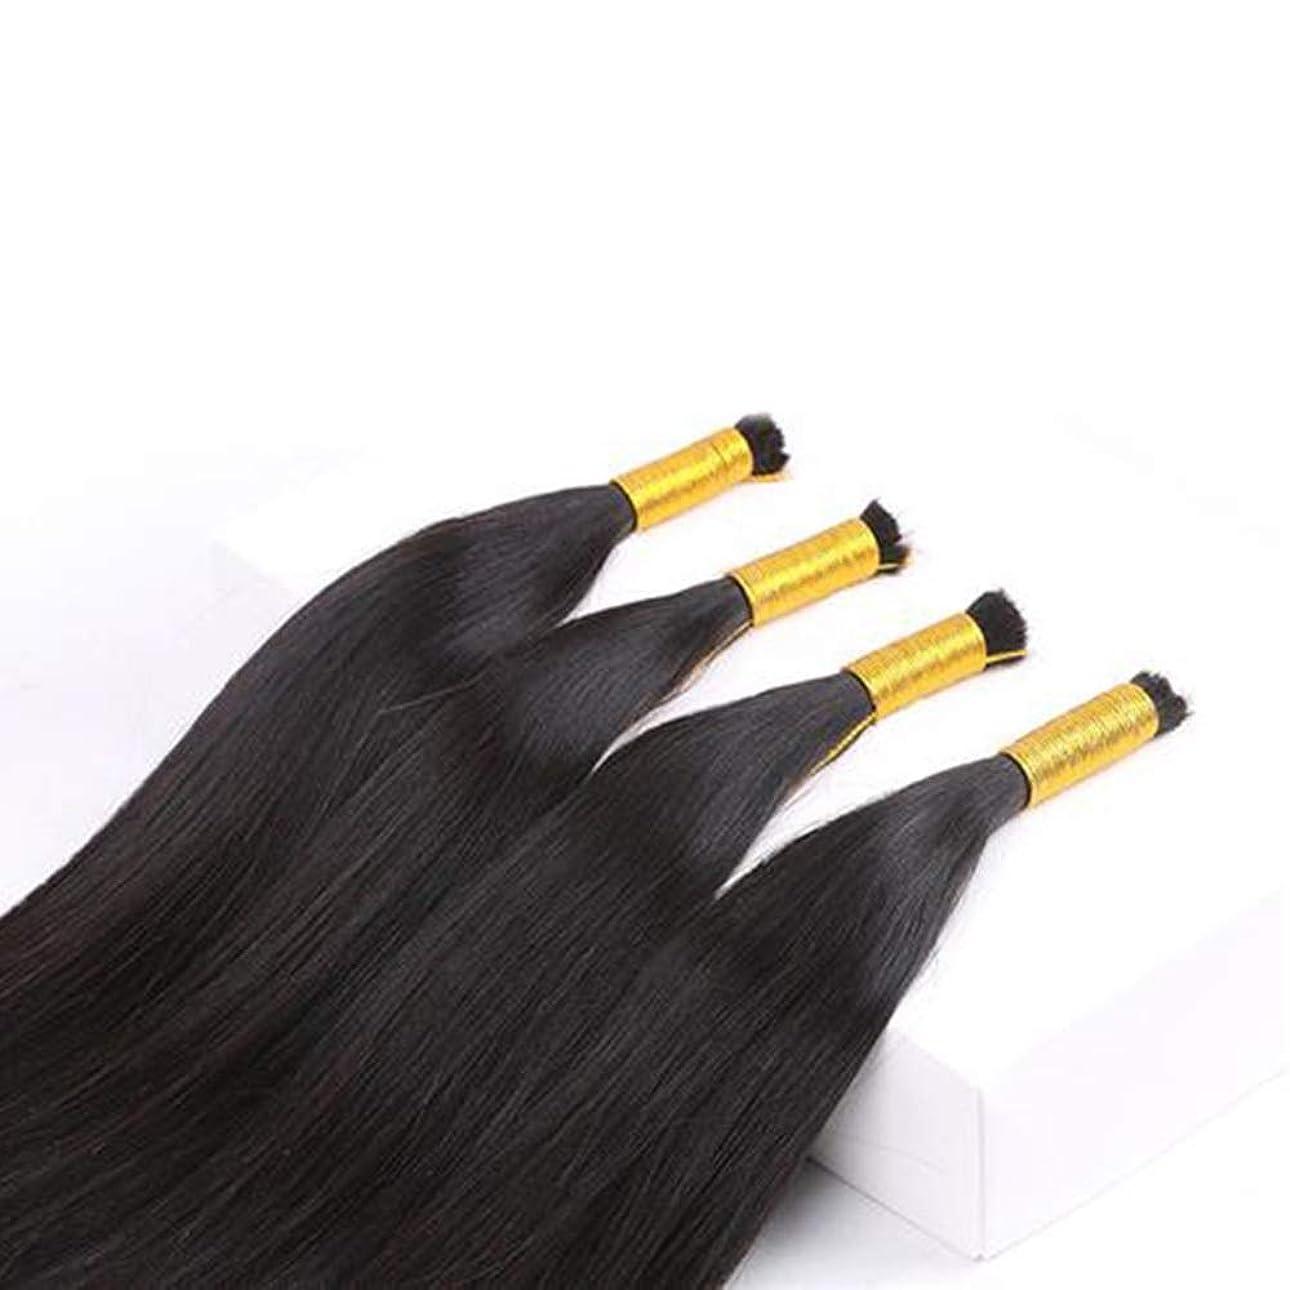 モードリン大学ドラムBOBIDYEE 髪の束と絹のようなストレートヘアフロントの閉鎖とストレートヘアエクステンション混合長ナチュラルカラー複合毛レースのかつらロールプレイングウィッグロングとショートの女性自然 (色 : Natural Color, サイズ : 40cm)